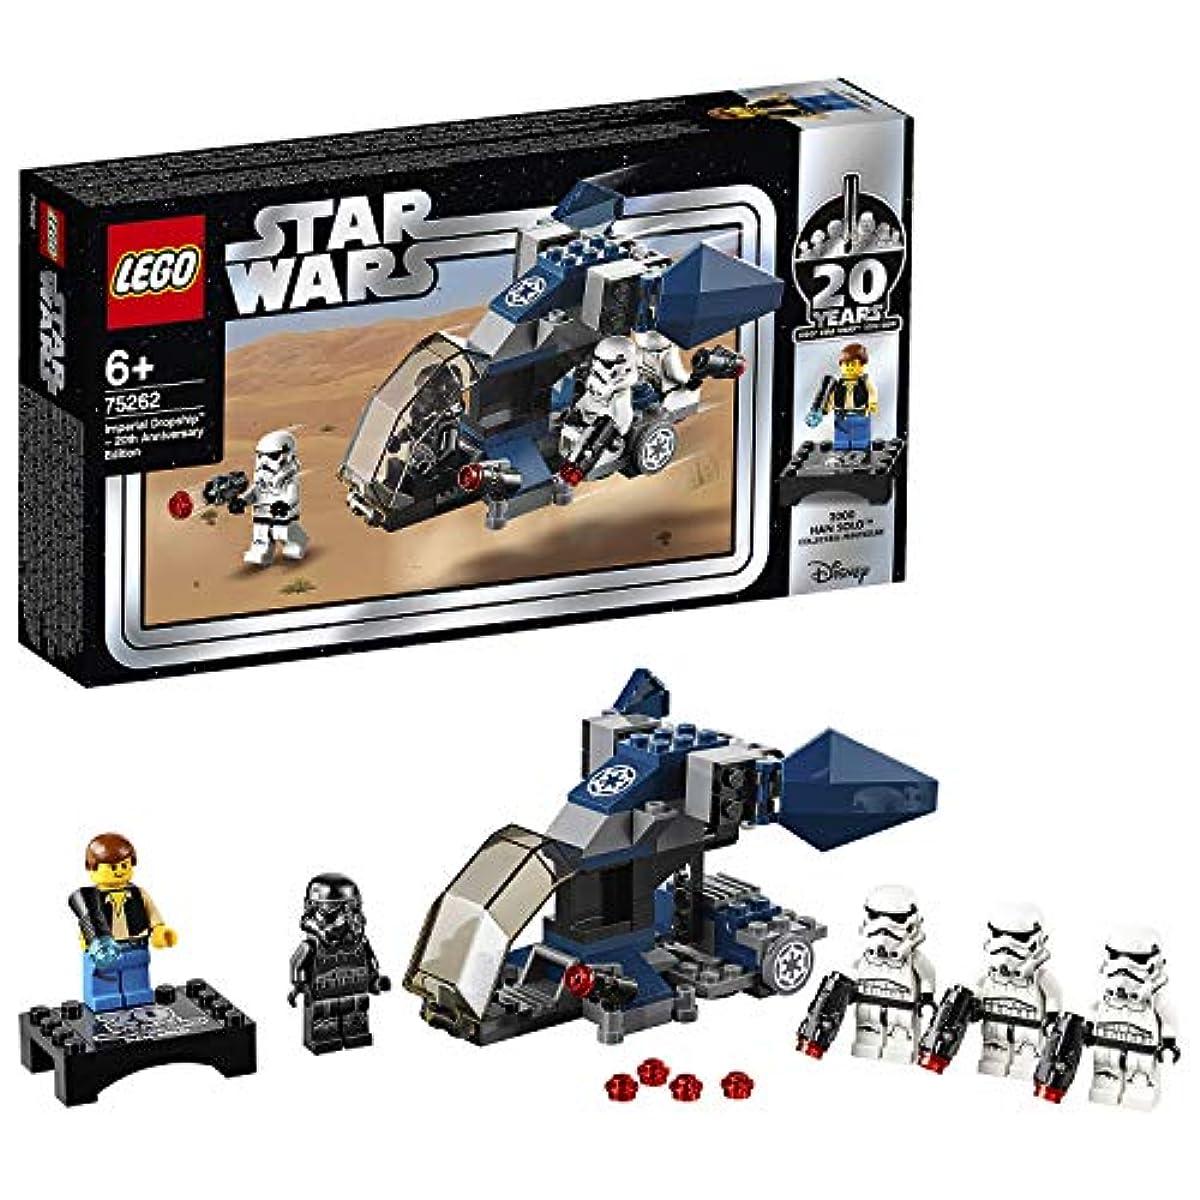 [해외] 레고(LEGO) 스타워즈 임페리얼드롭 쉽(TM) – 20주년 기념 모델 75262 블럭 장난감 사내 아이